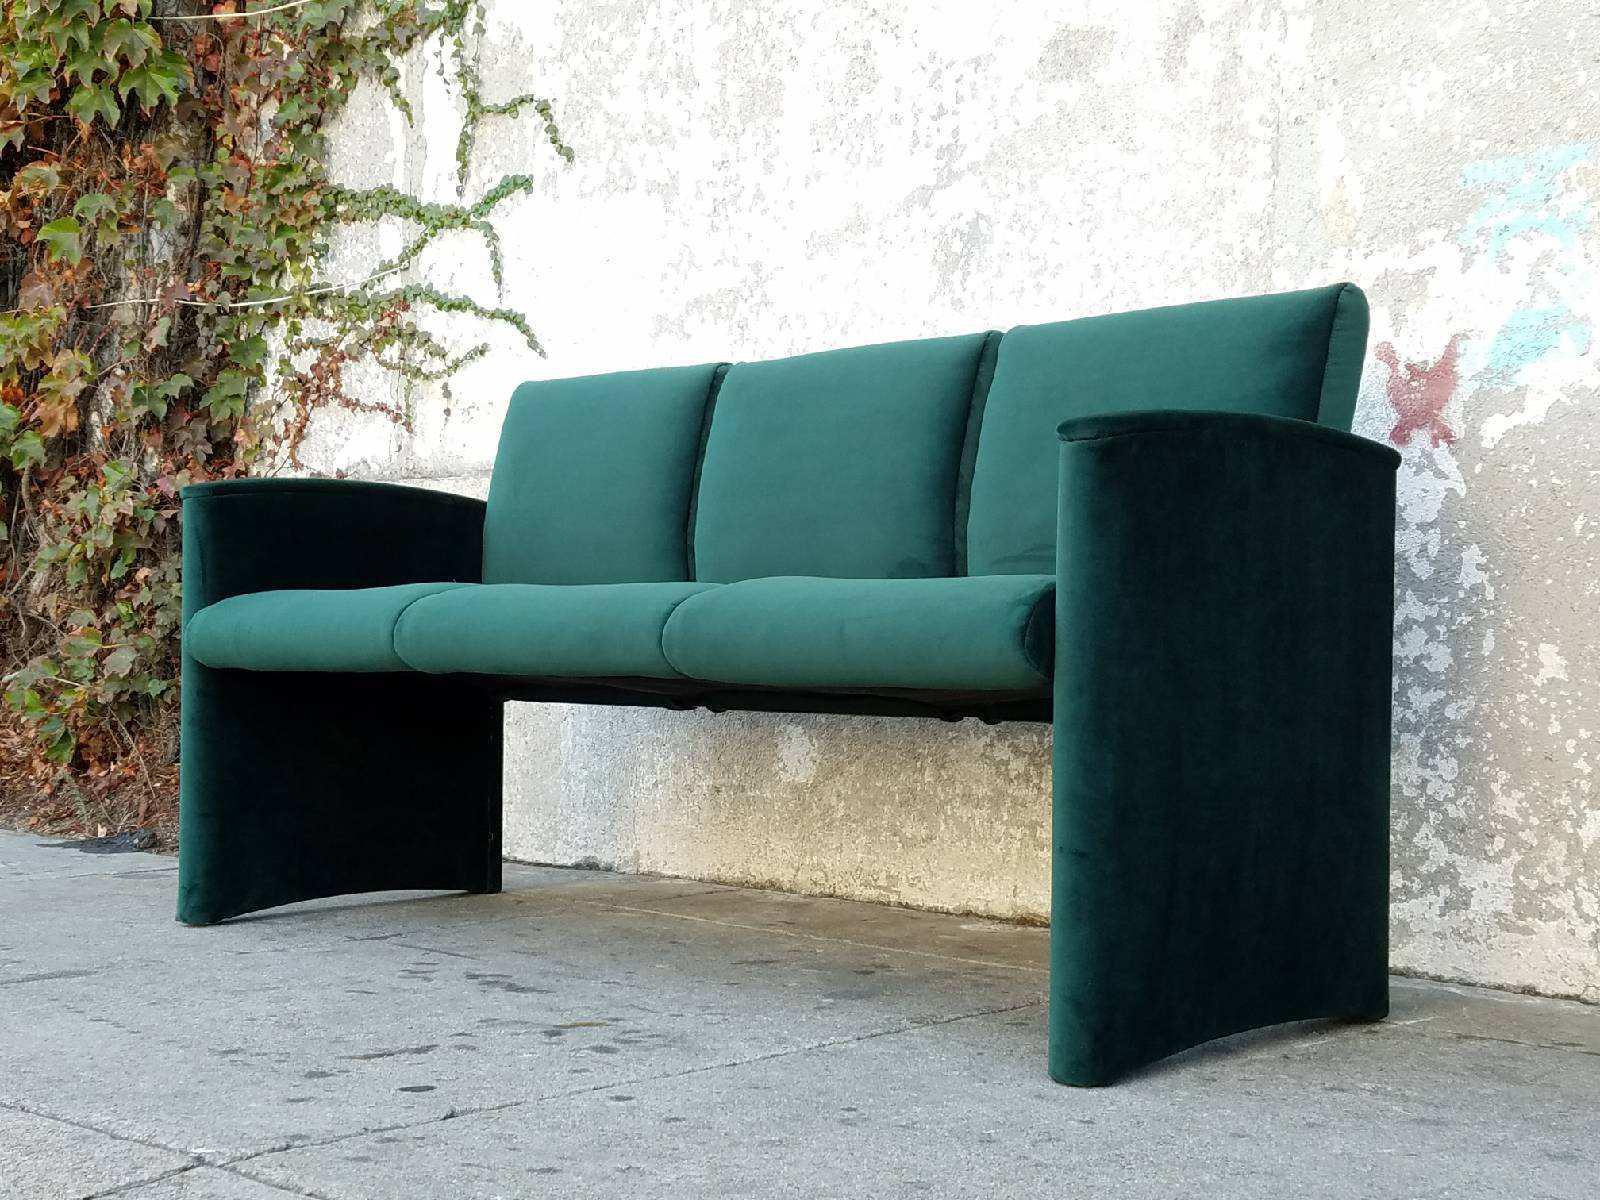 Etonnant Dark Green Velvet Sofa Bench   Image 2 Of 5